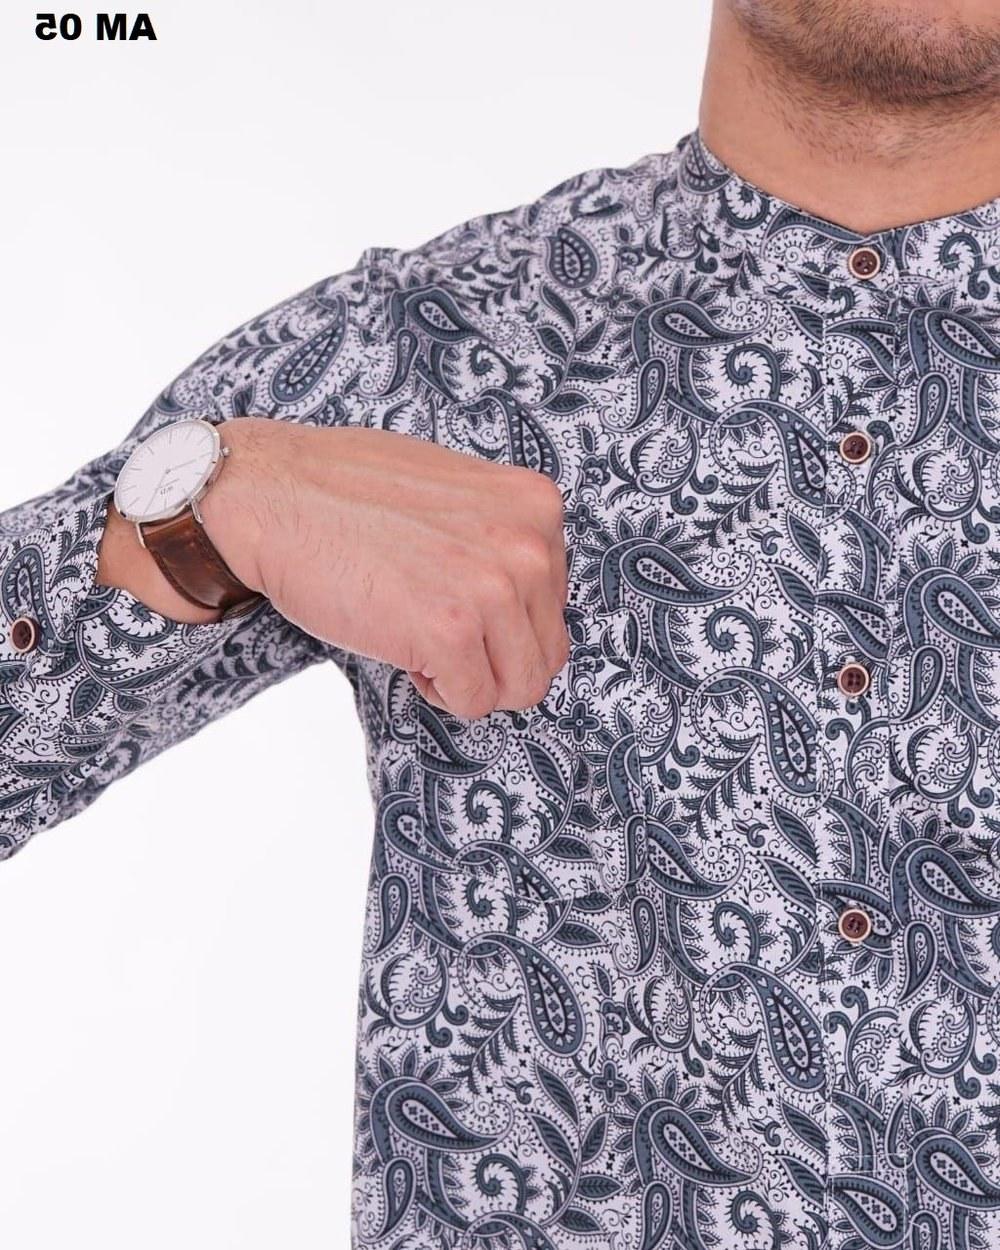 Ide Baju Lebaran Pria Keren Thdr Jual Hm20 Baju Koko Pakistan Modern Koko Pria Dewasa Batik